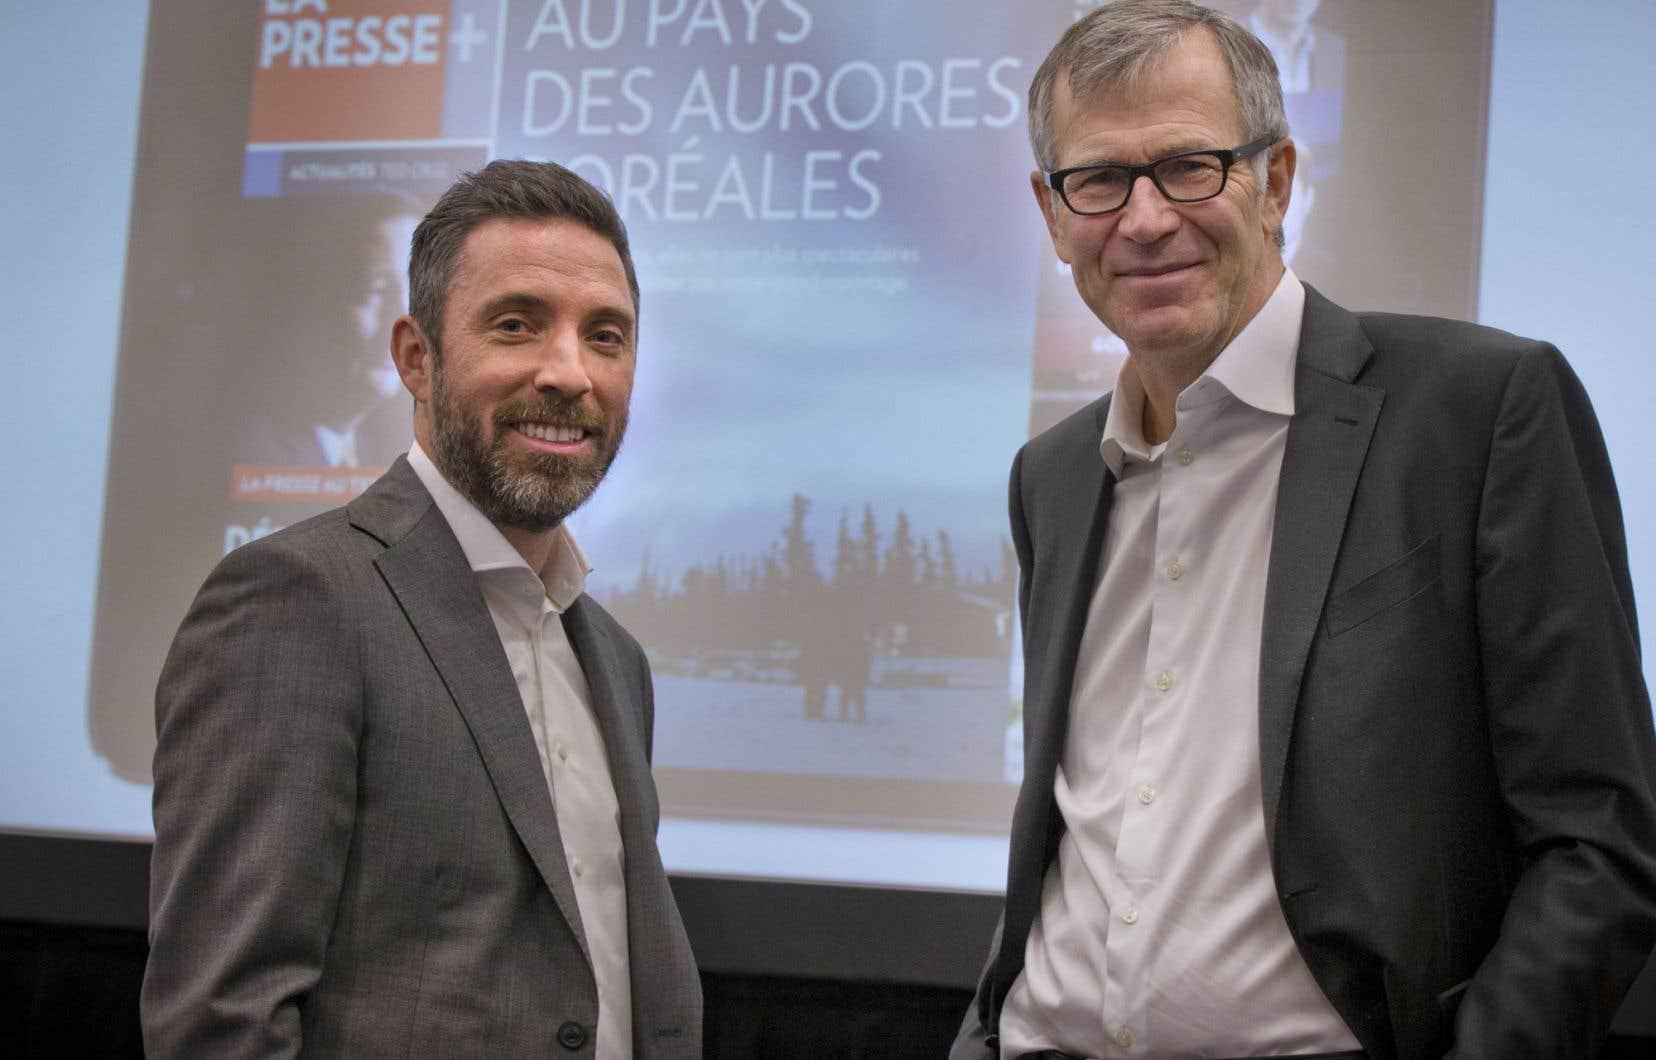 Le nouveau président de «<em>La Presse»</em>, Pierre-Elliott Levasseur, aux côtés de son prédécesseur Guy Crevier